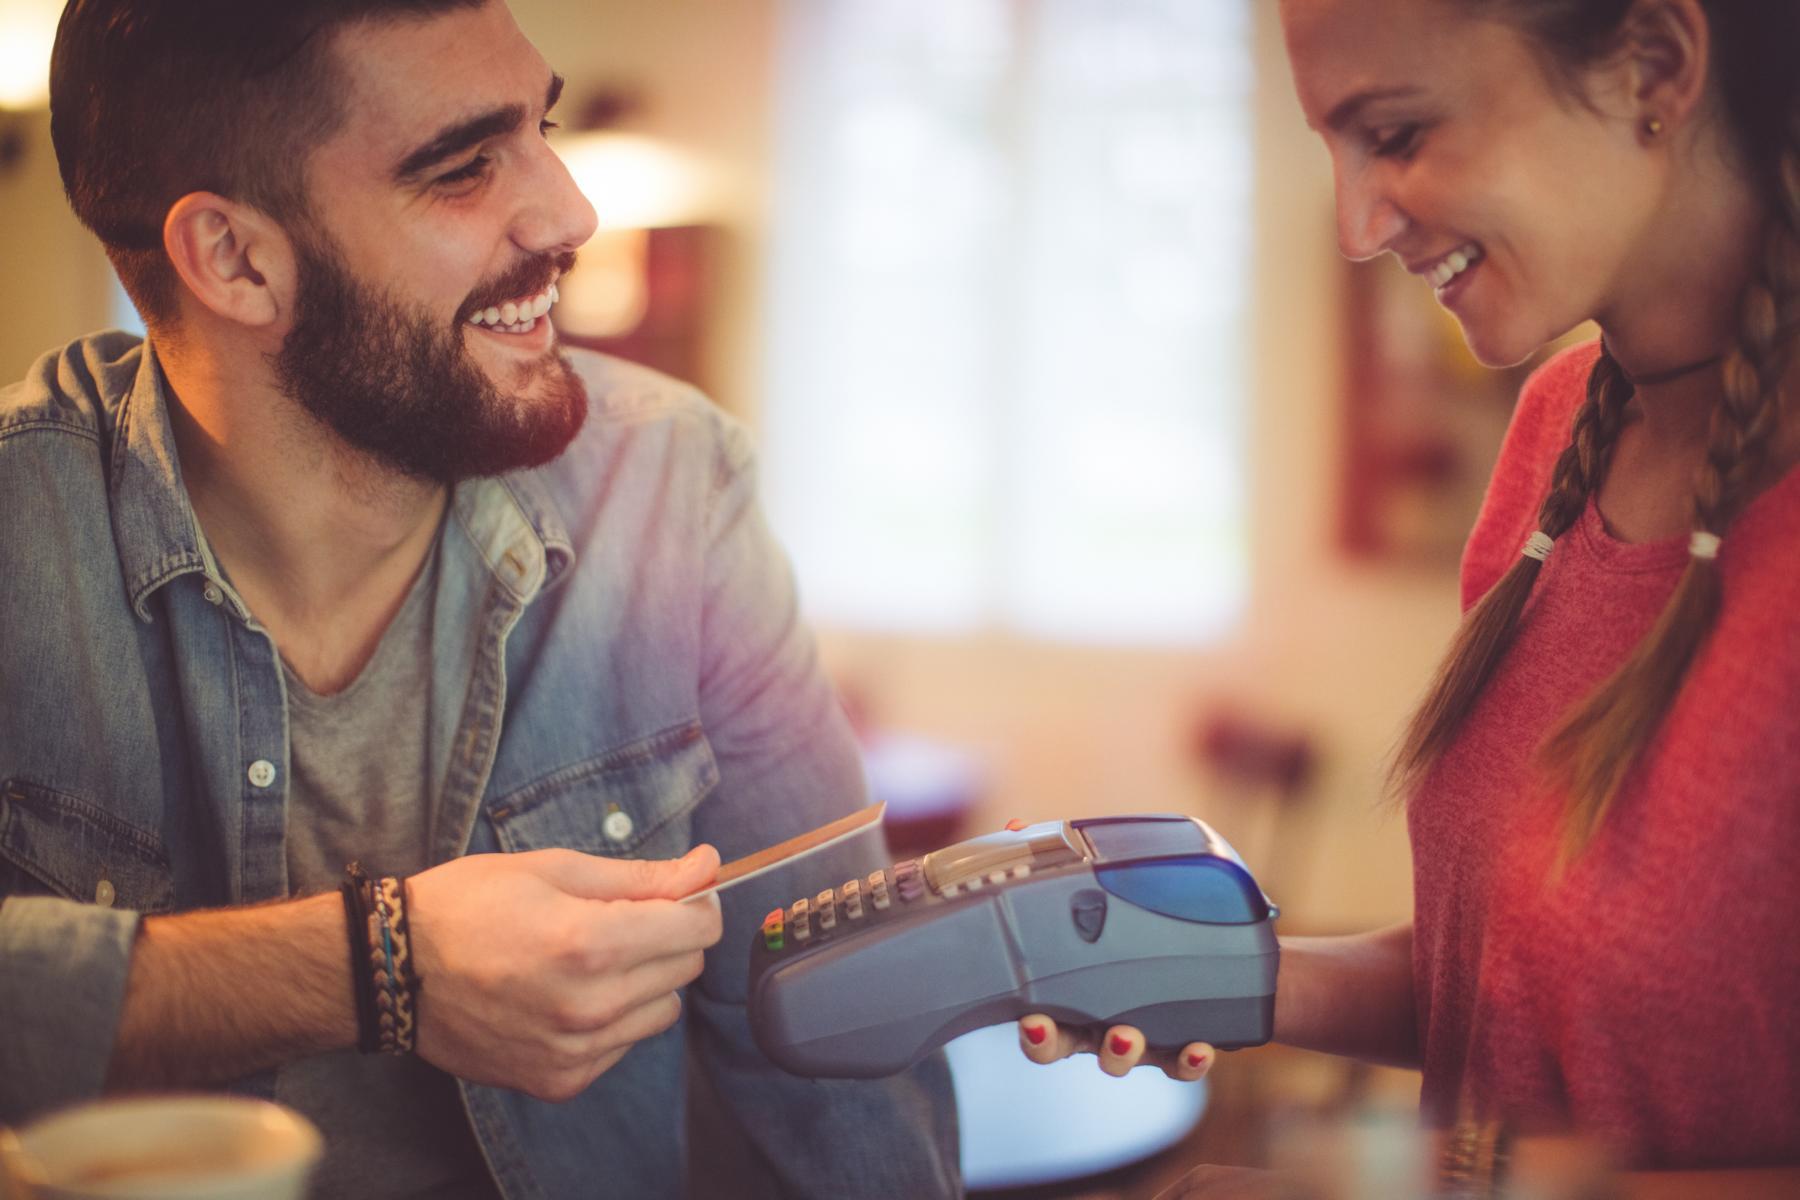 Kontaktlos Bezahlen. Mann bezahlt kontaktlos mit seiner Kreditkarte